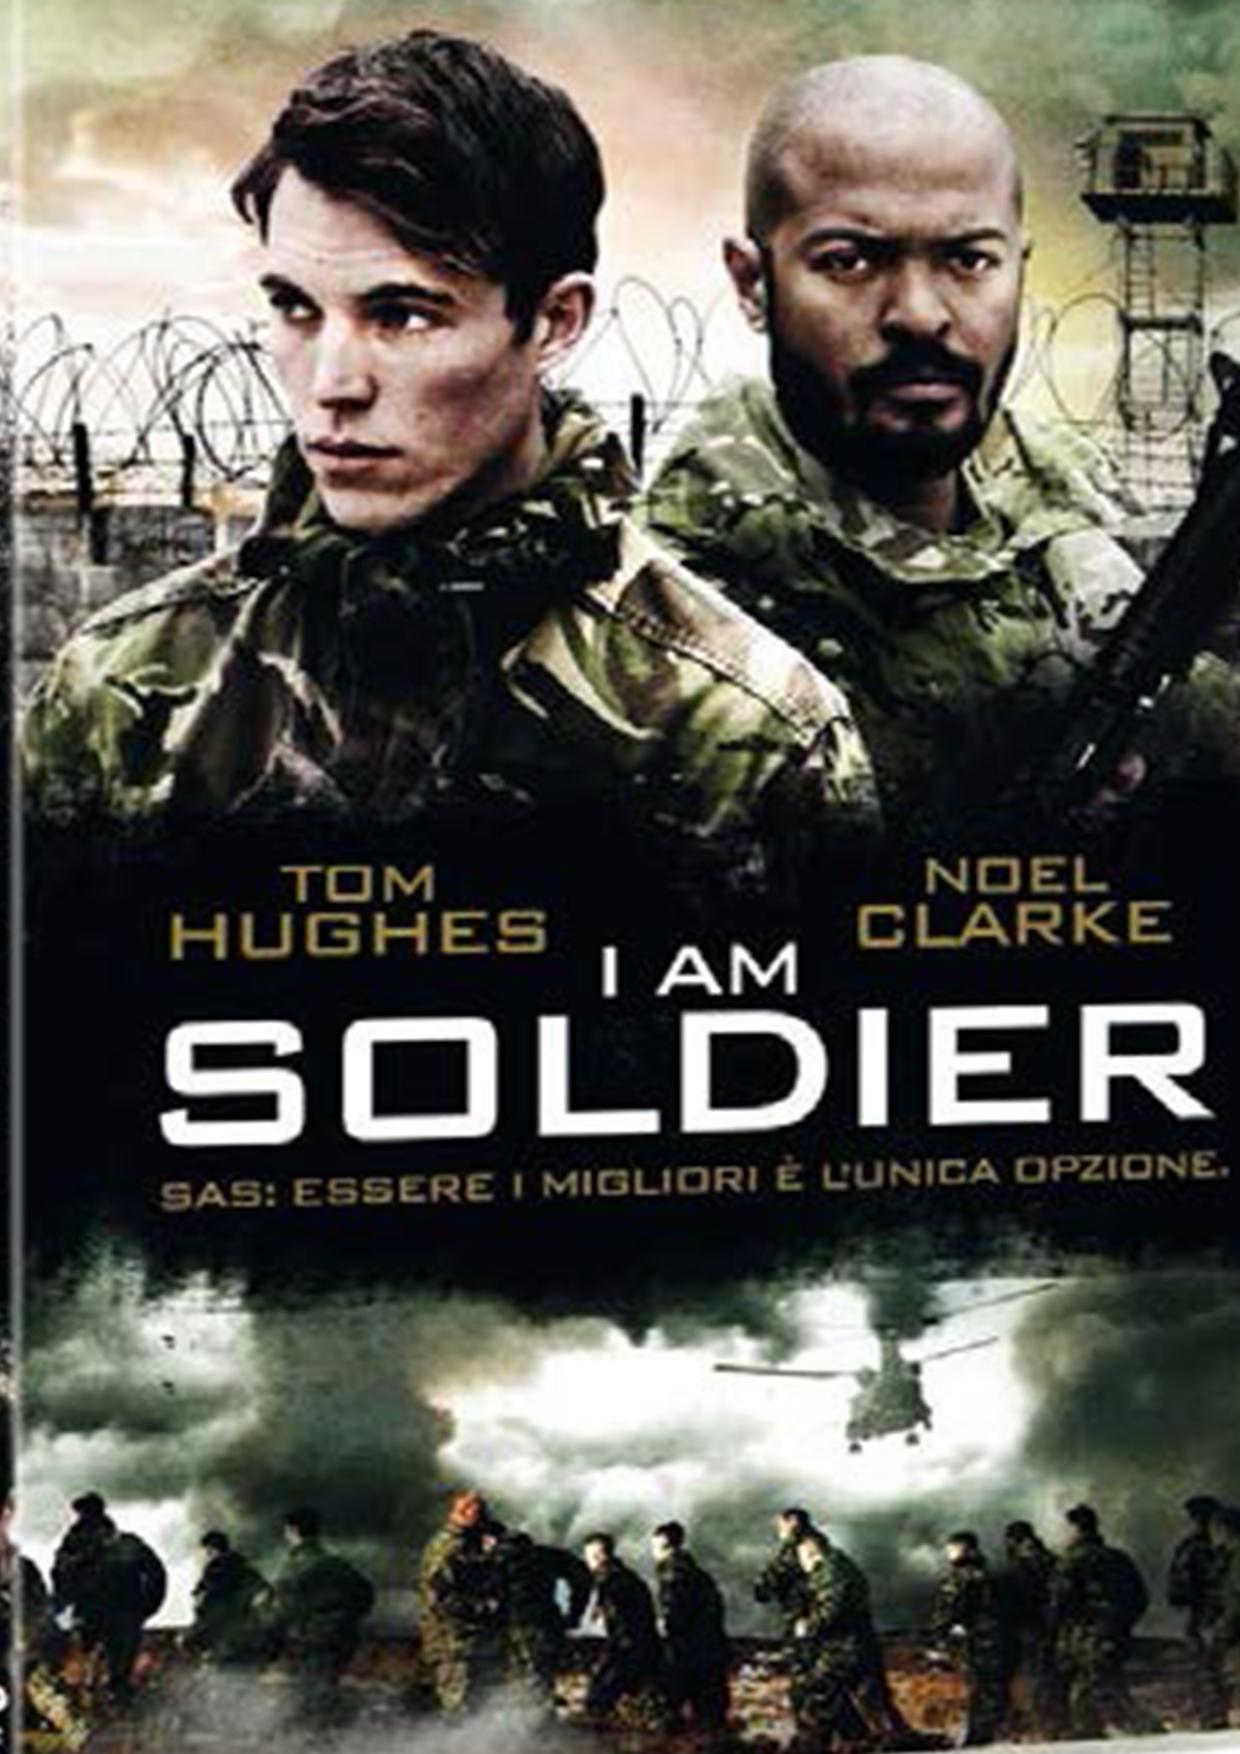 I AM SOLDIER (DVD)